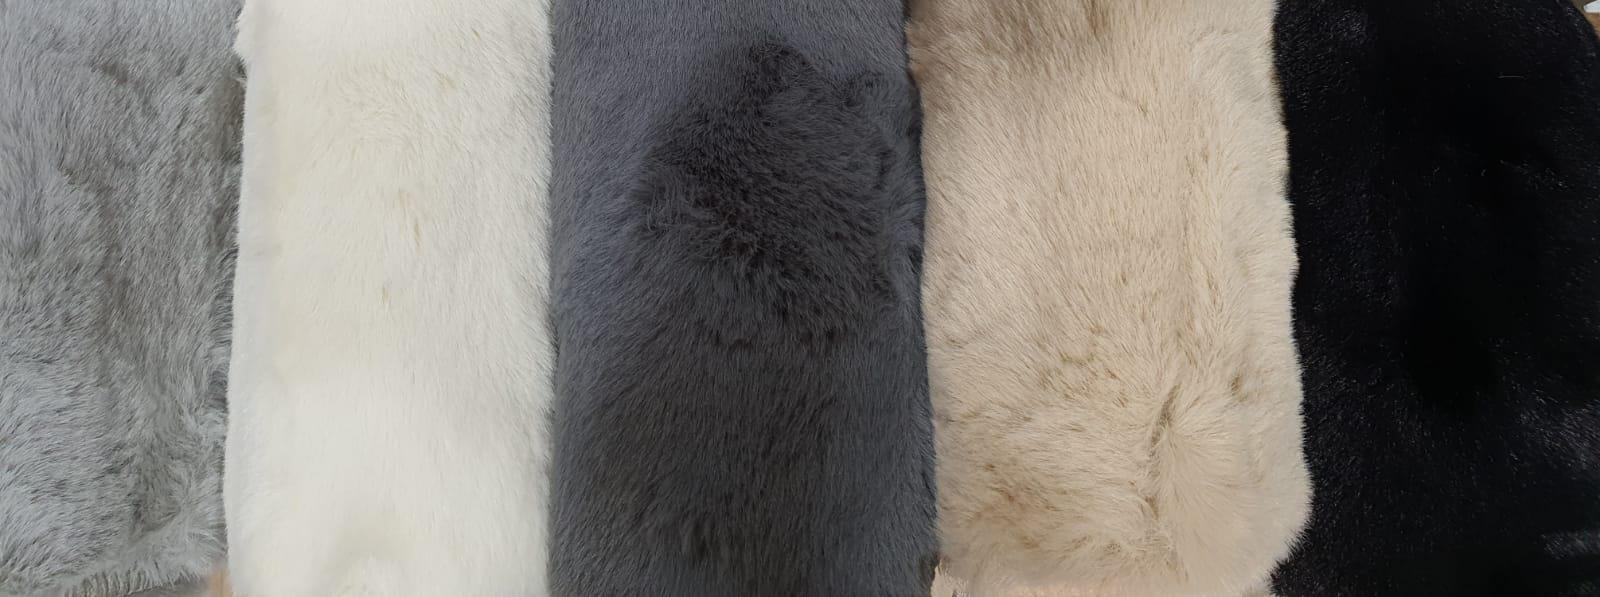 שטיח אמבטיה קרם דגם Soft סופט - נעים במיוחד!